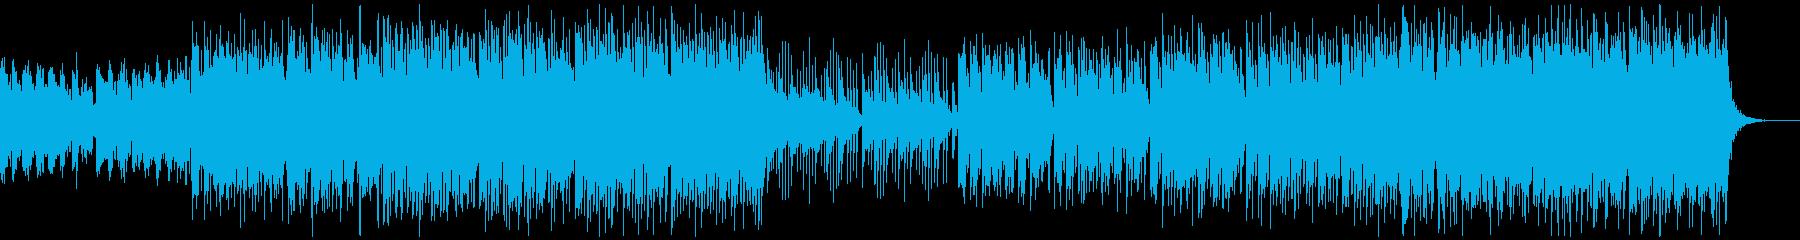 明るくアップテンポな和風曲の再生済みの波形